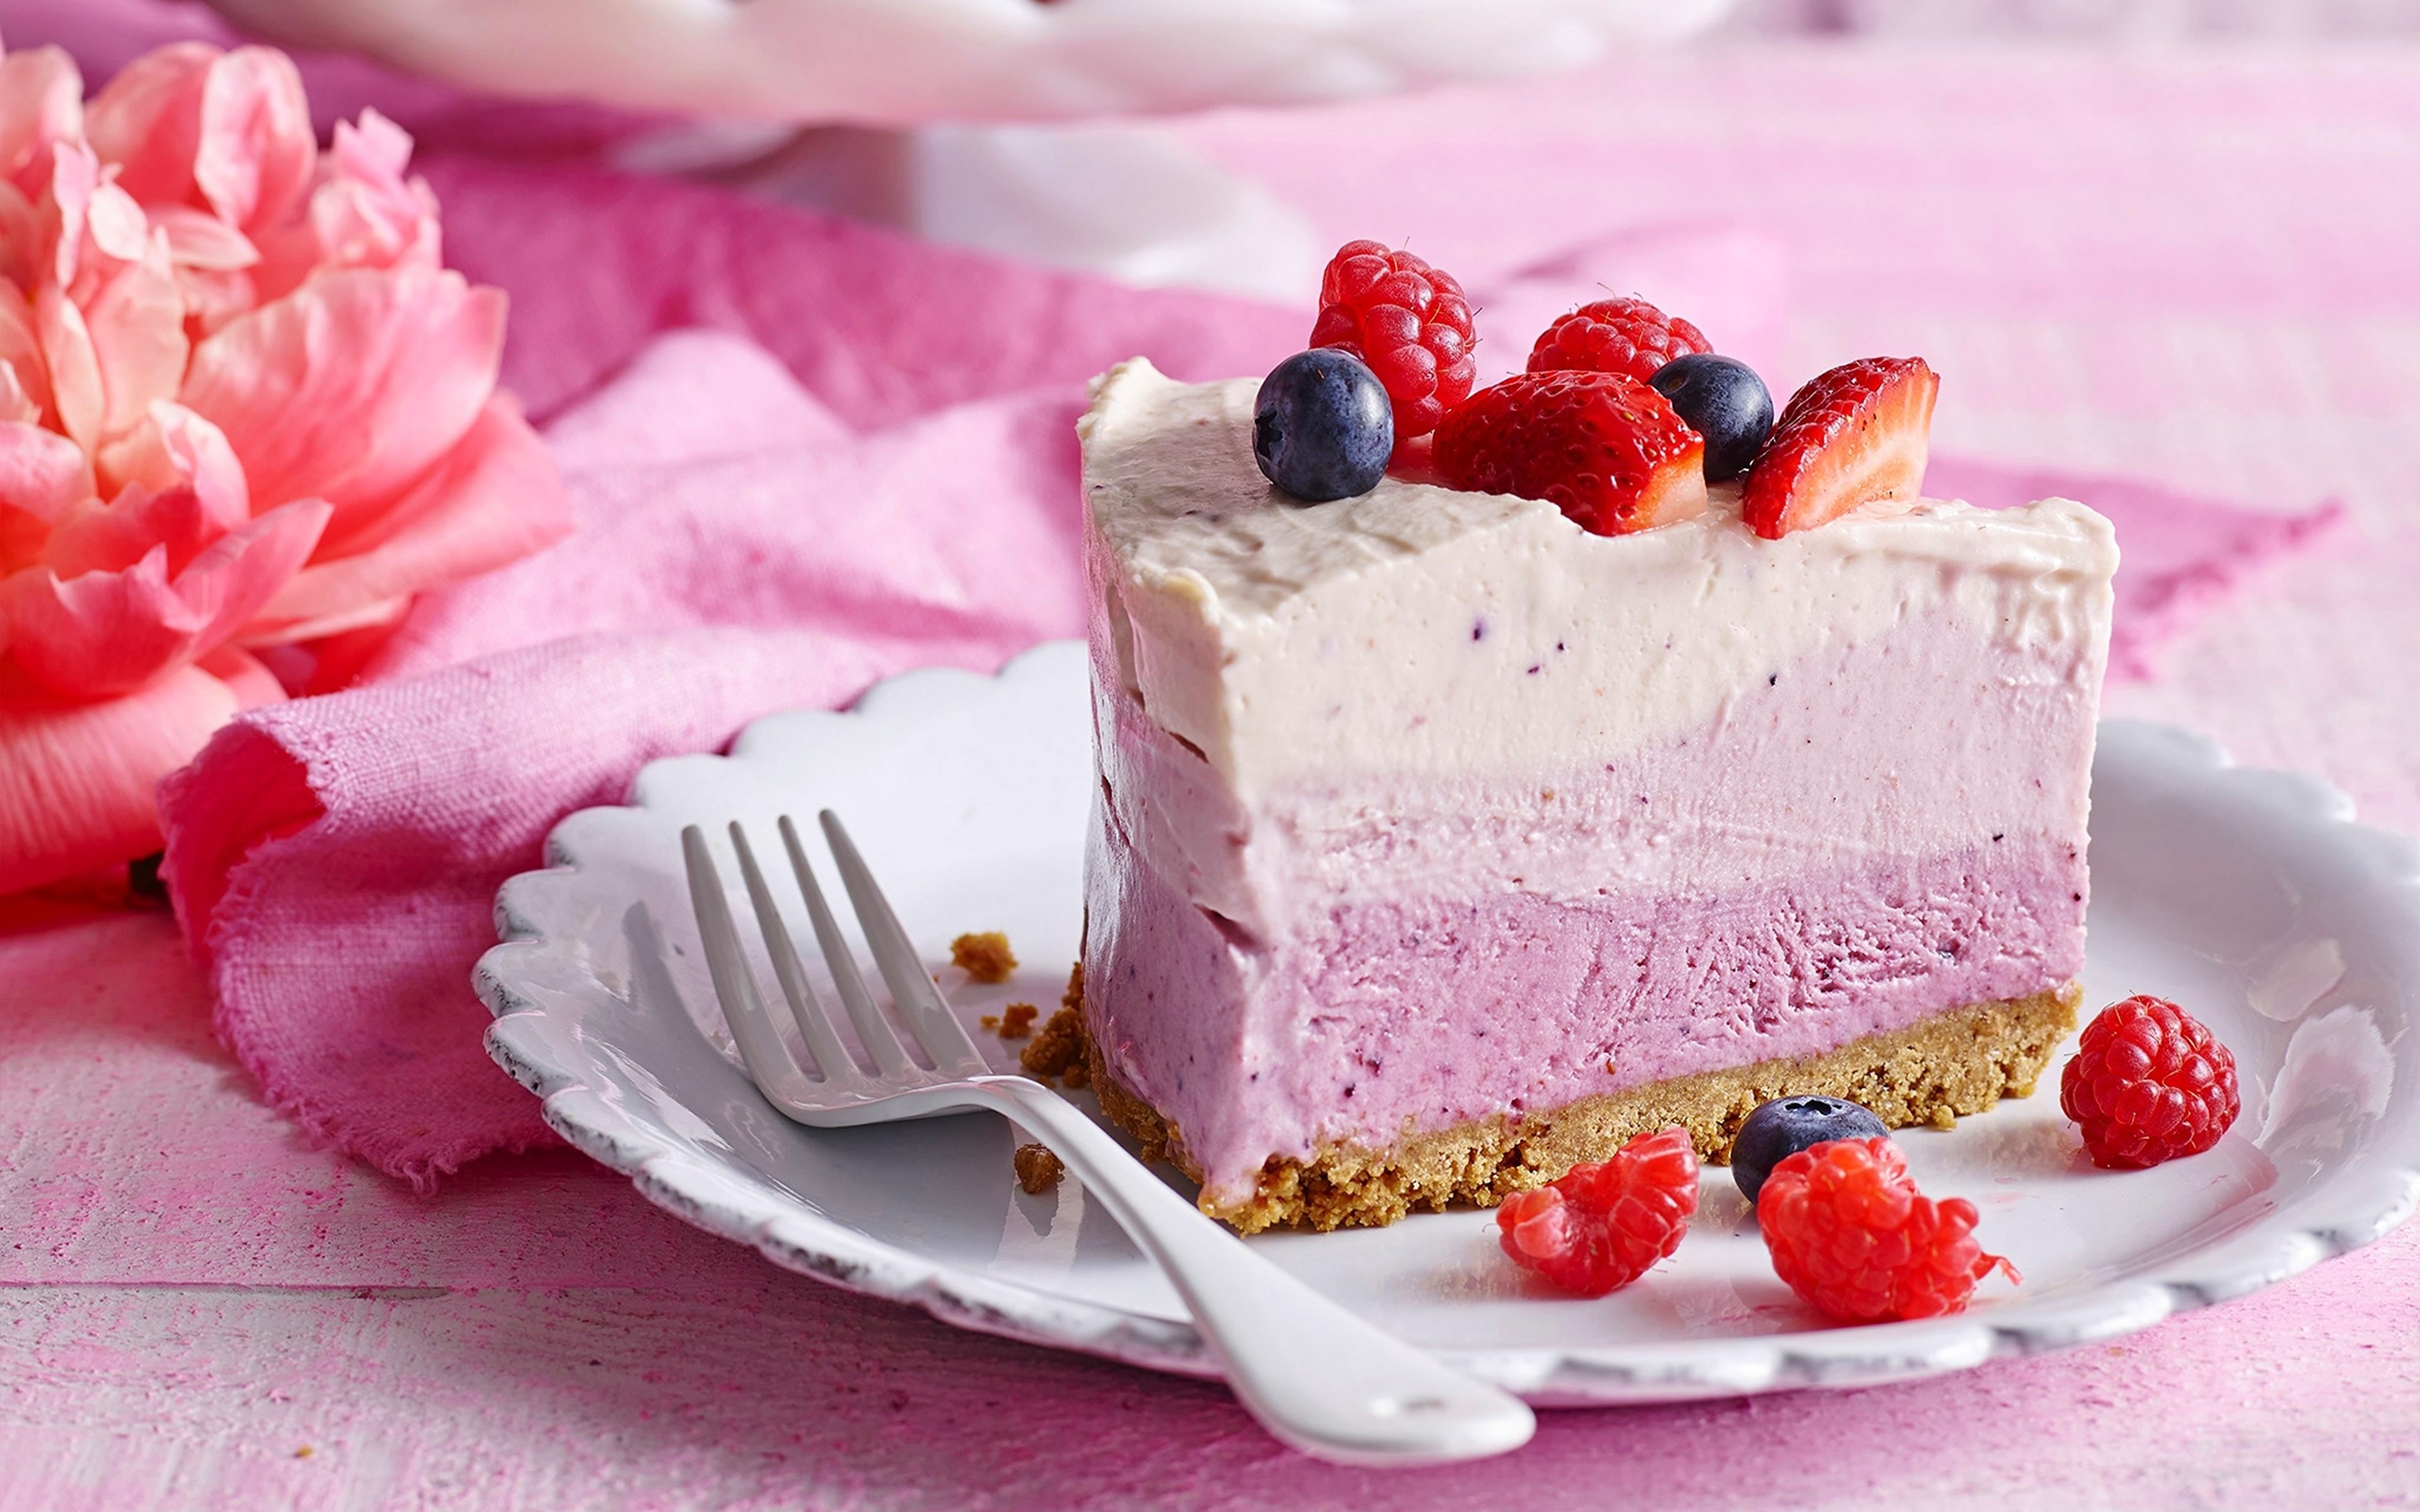 Картинки Торты Кусок Десерт Пища Вилка столовая 3840x2400 часть кусочки кусочек Еда вилки Продукты питания